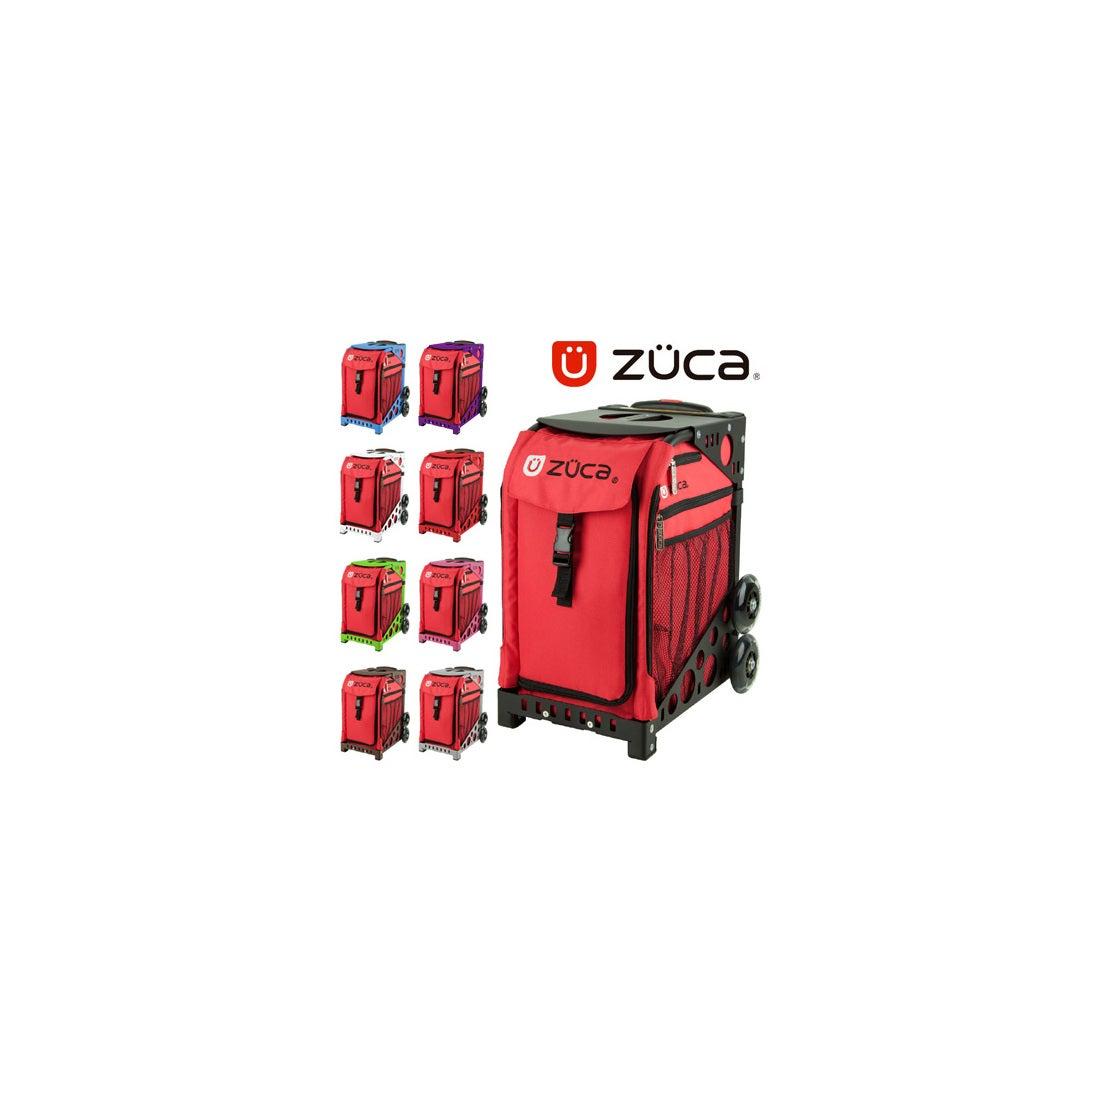 ロコンド 靴とファッションの通販サイト【セット販売】ZUCAスポーツChili100205Red